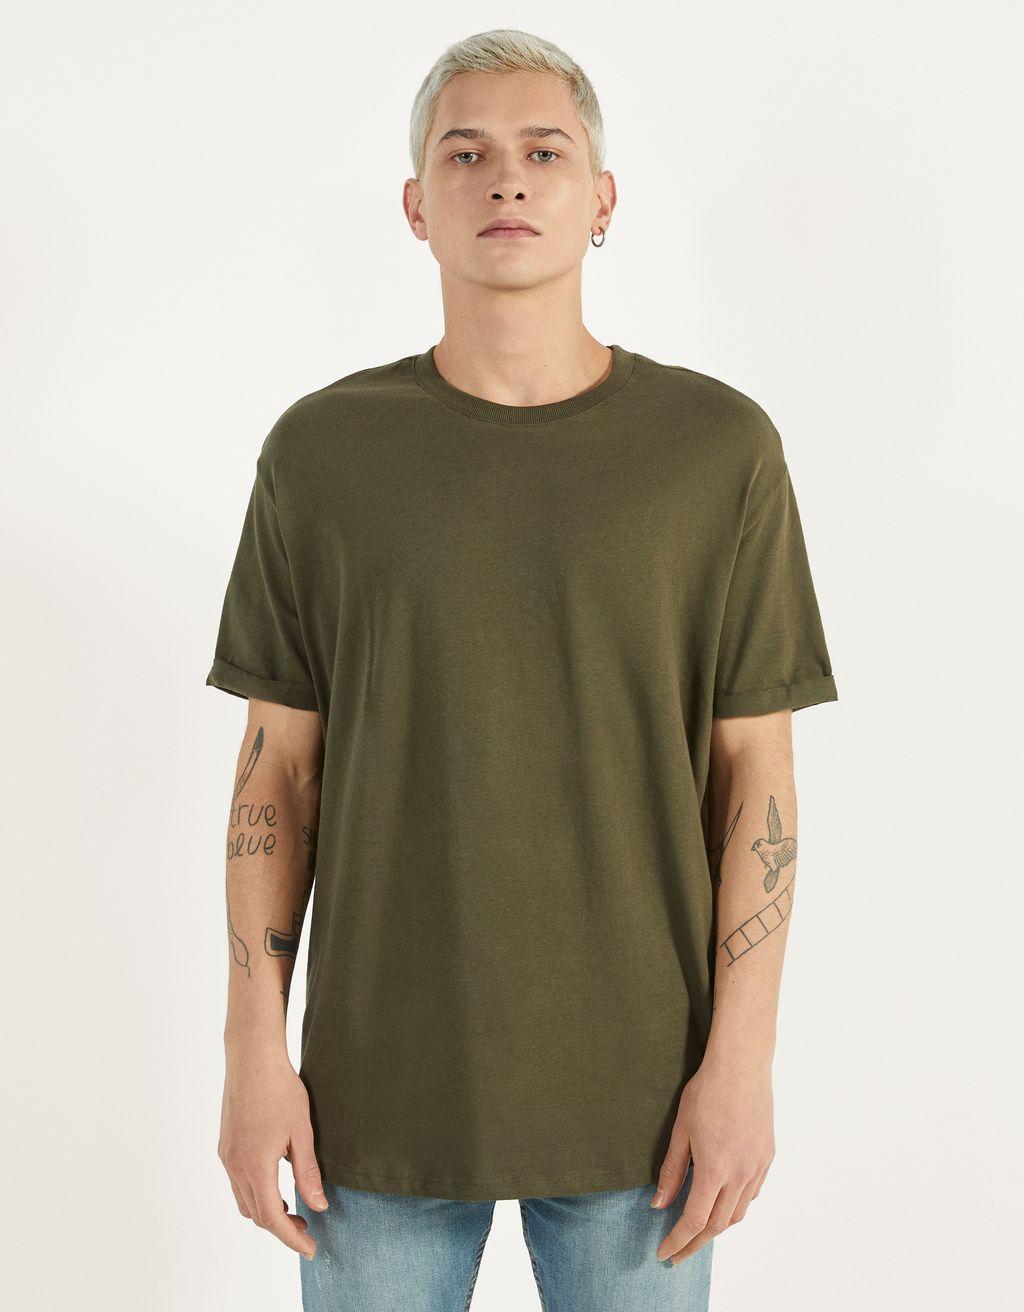 T-krekls ar īsām piedurknēm